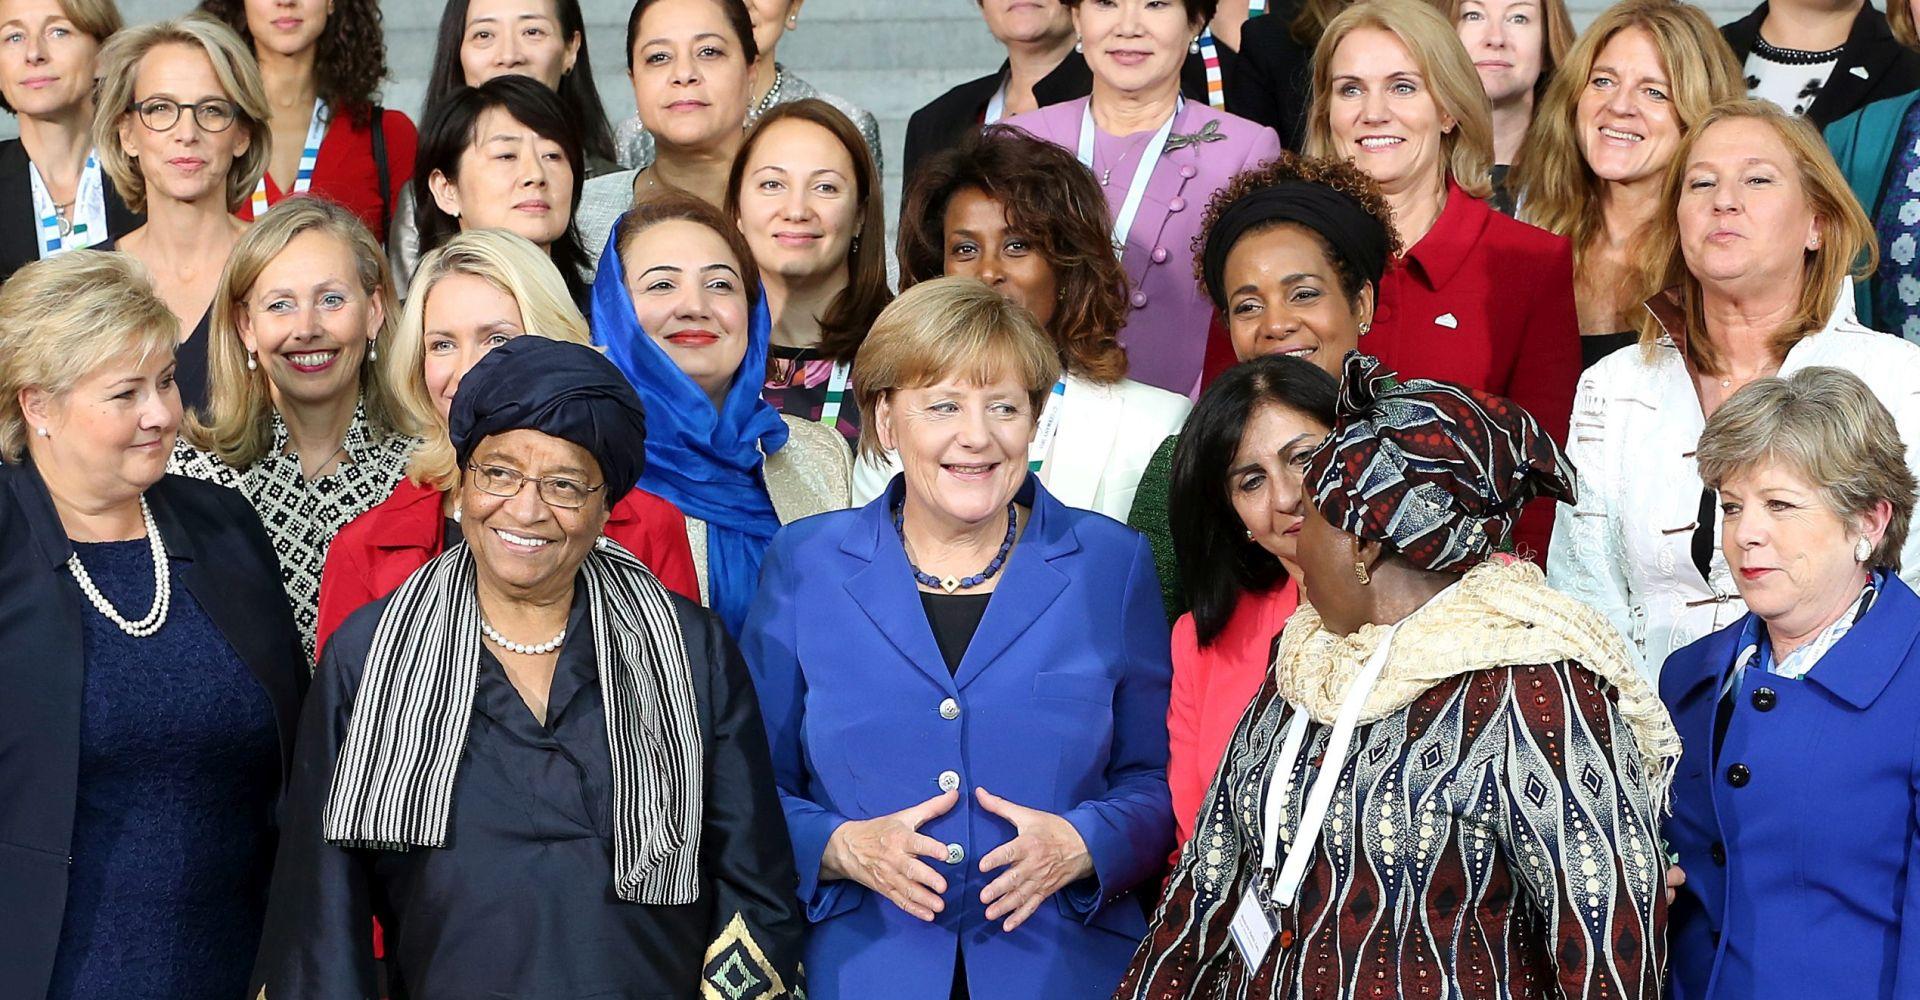 ČETVRT STOLJEĆA KASNIJE Merkel priziva duh njemačkog ujedinjenja